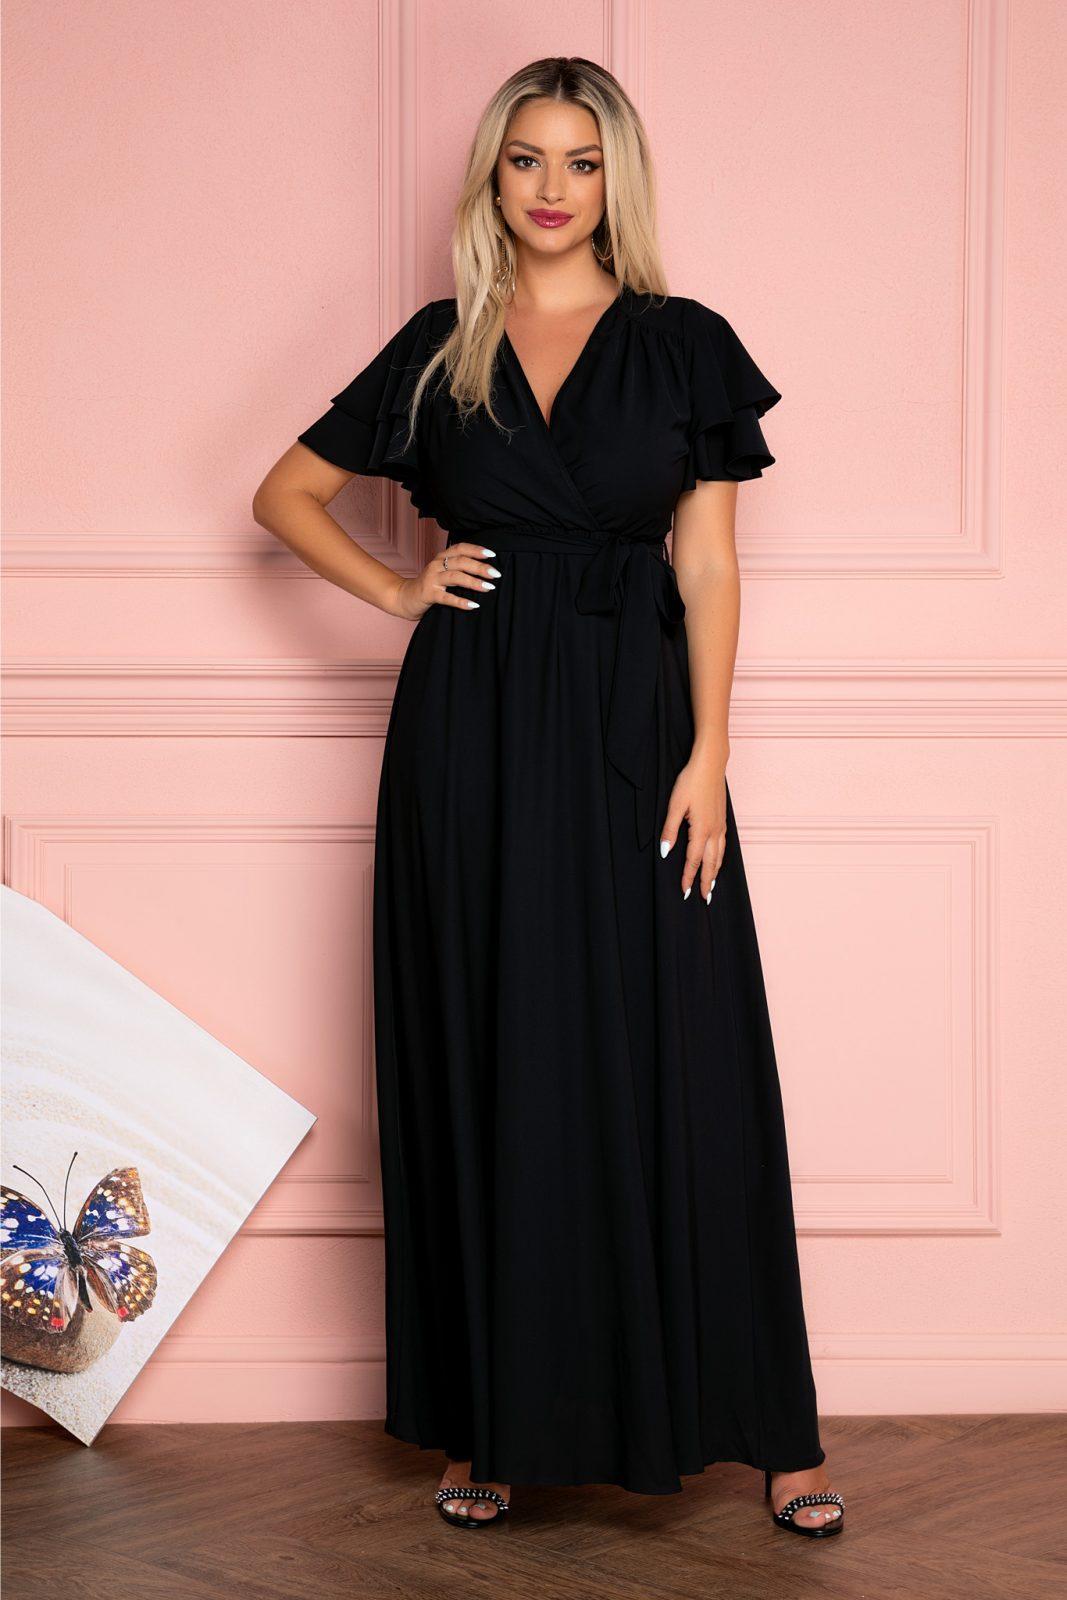 Μαύρο Μάξι Κρουαζέ Φόρεμα Isabell 7981 2